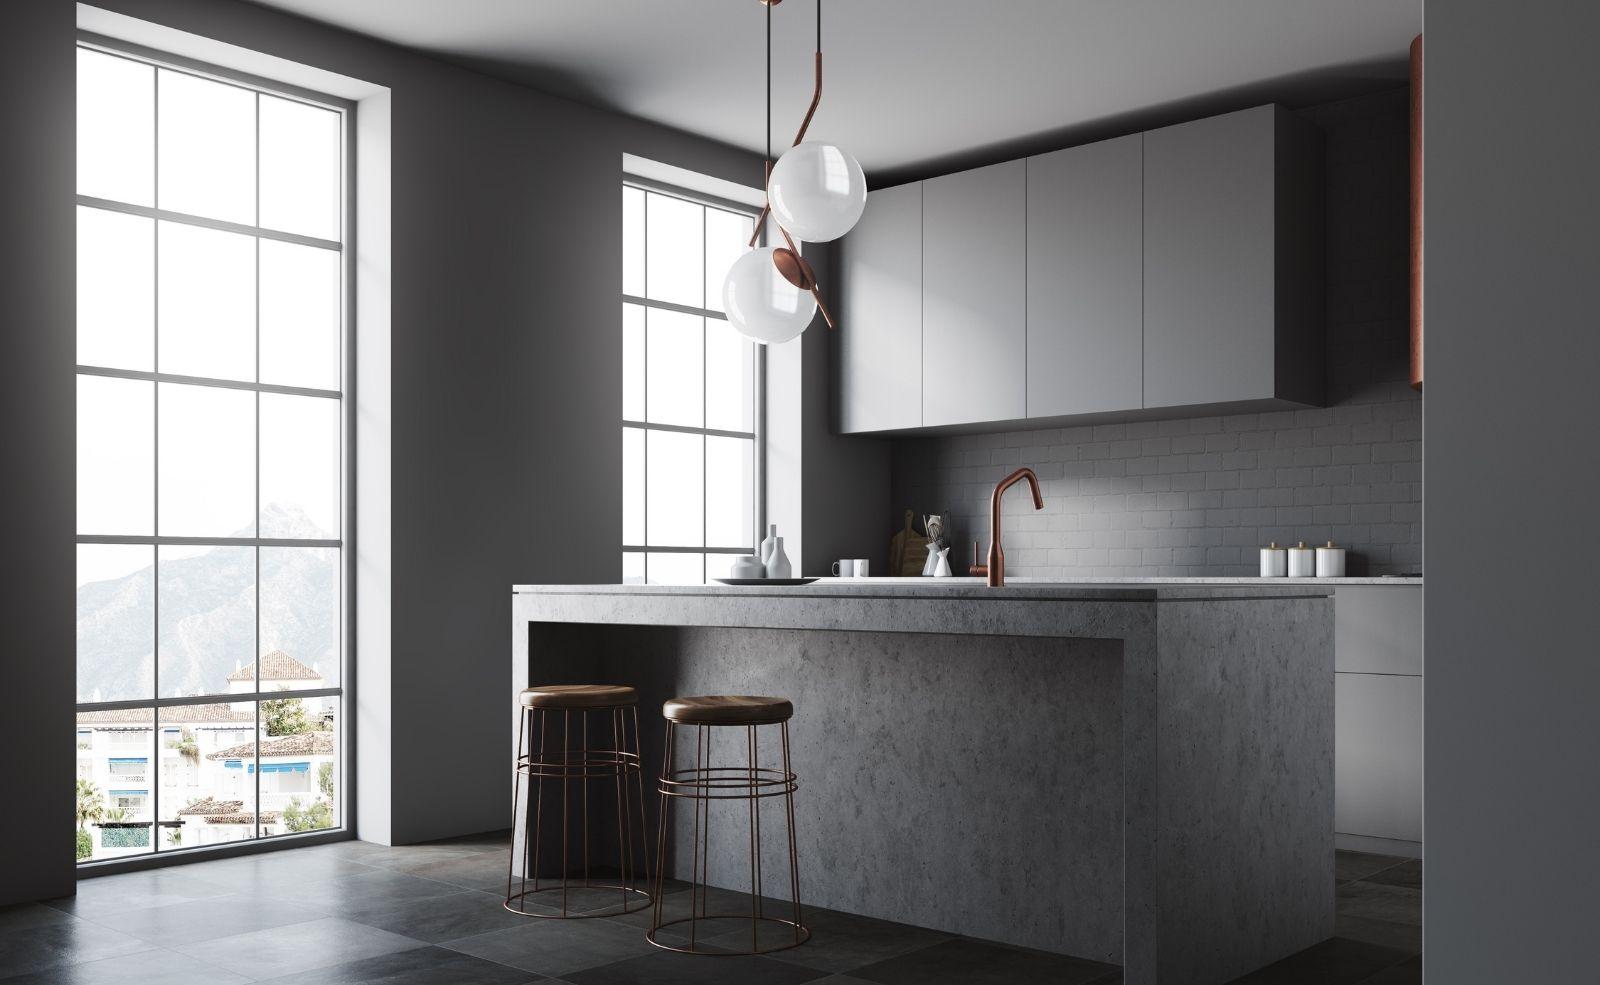 Küchentrends 2021: Neue Ideen für Farben, Materialien, Spülen & Geräte